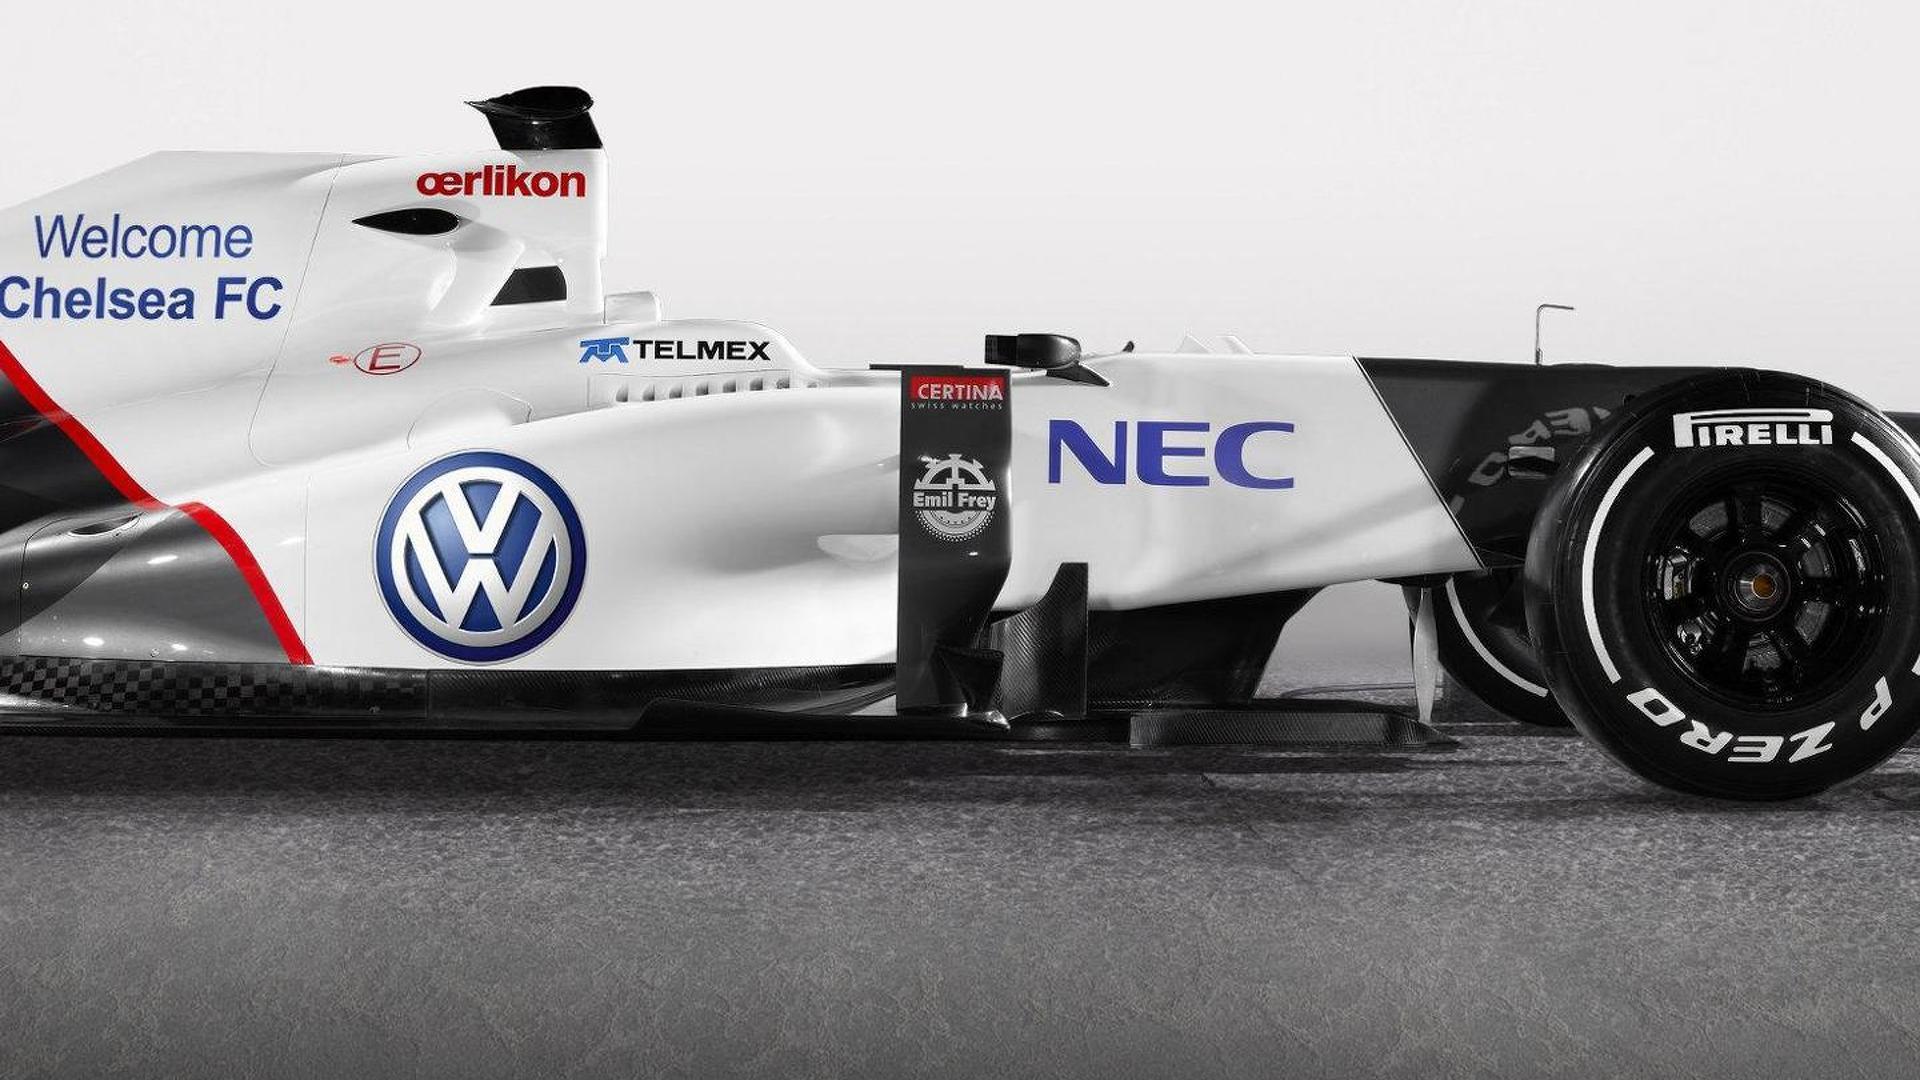 Sauber fuels rumours of Volkswagen tie-up